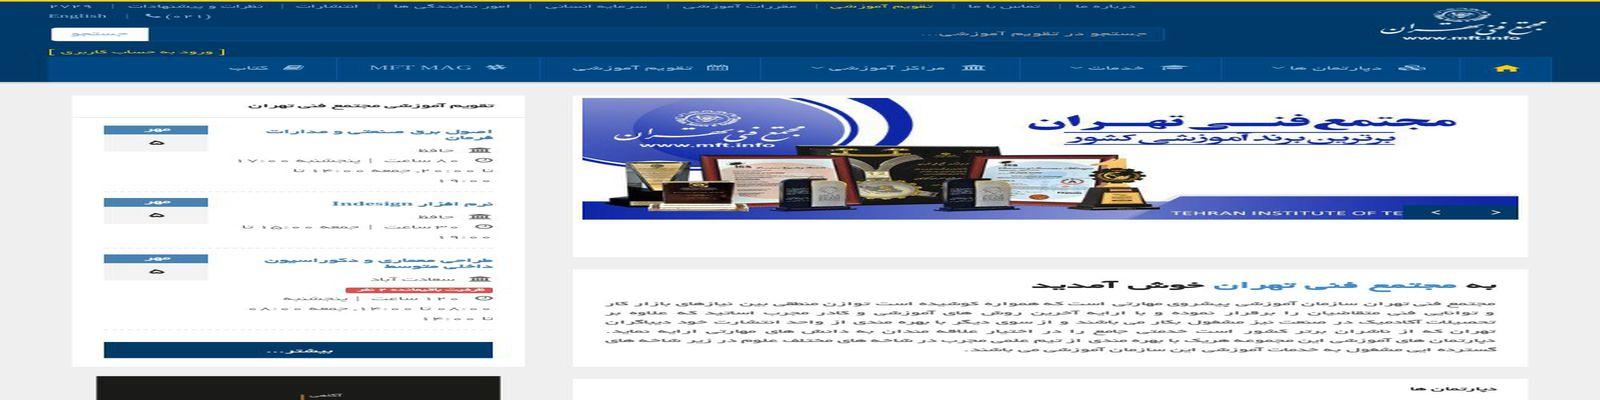 مرکز همایش های مجتمع فنی تهران